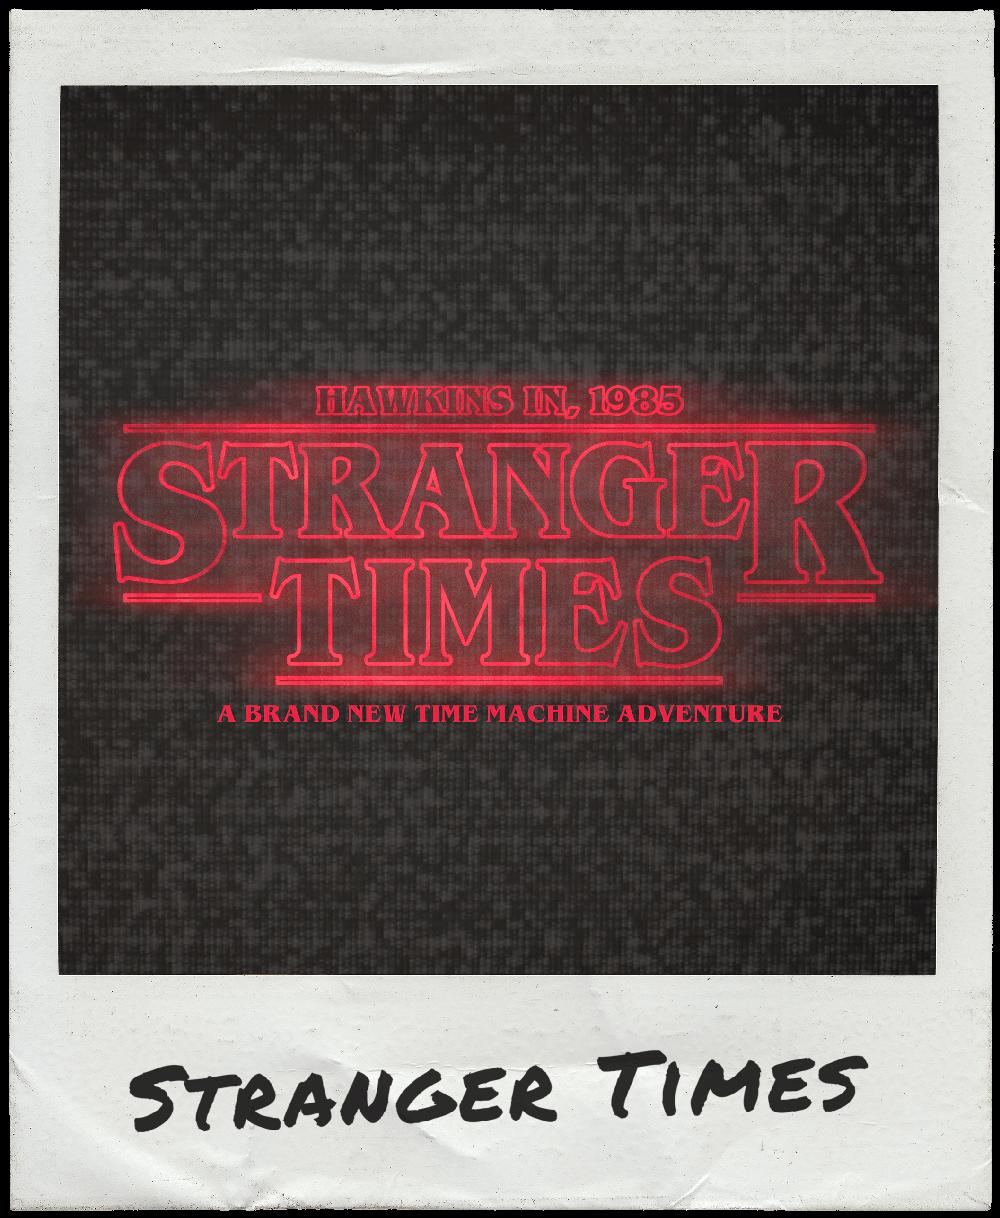 Stranger Times